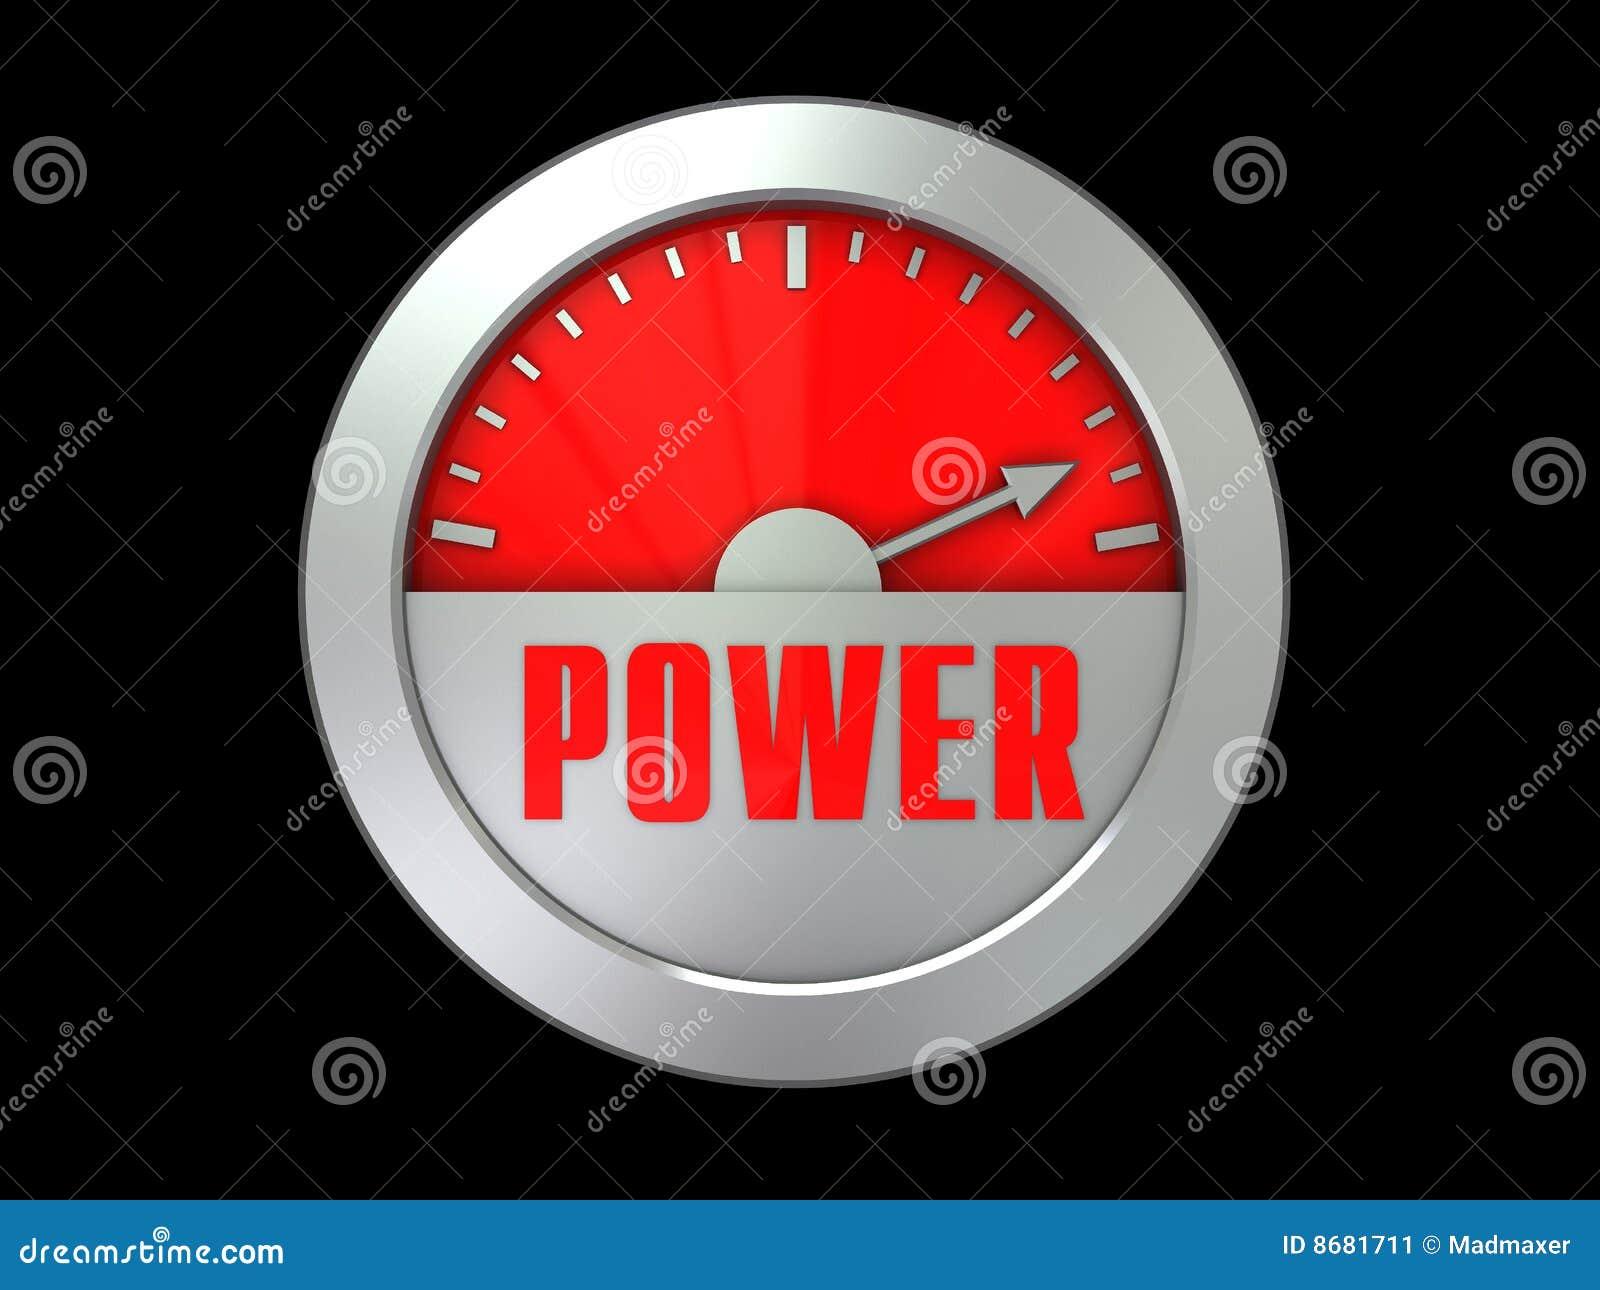 Power Meter Cartoon : Power meter royalty free cartoon cartoondealer